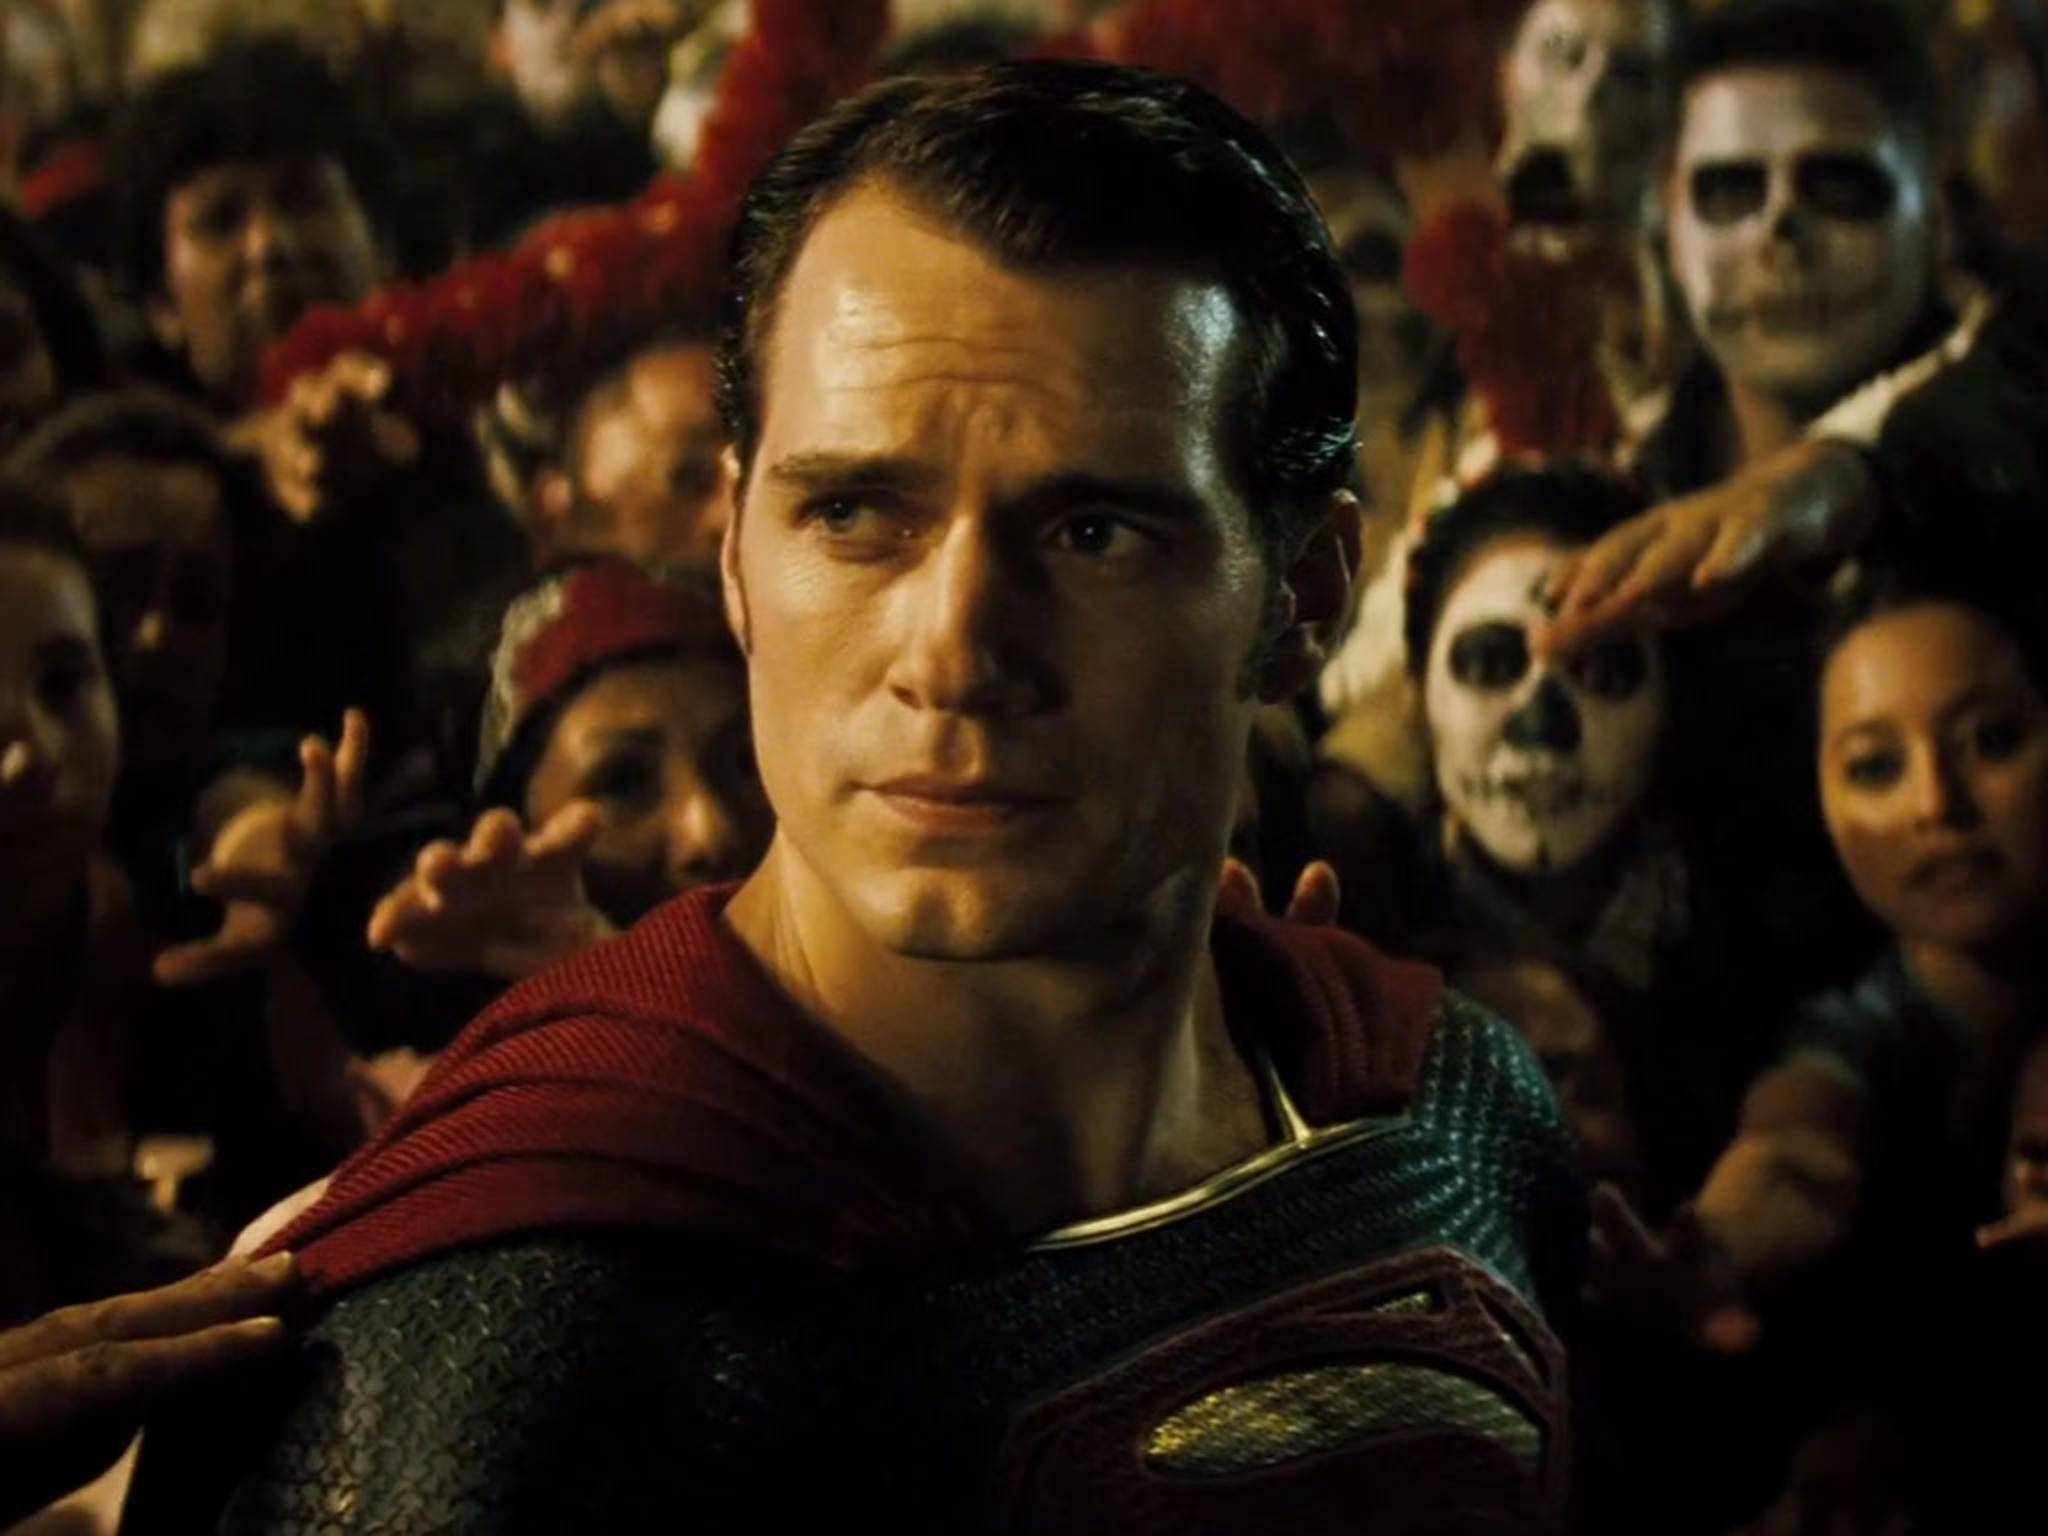 Da schaut Clark Kent aber blöd aus der Wäsche: Smarte Gadgets für Superhelden.